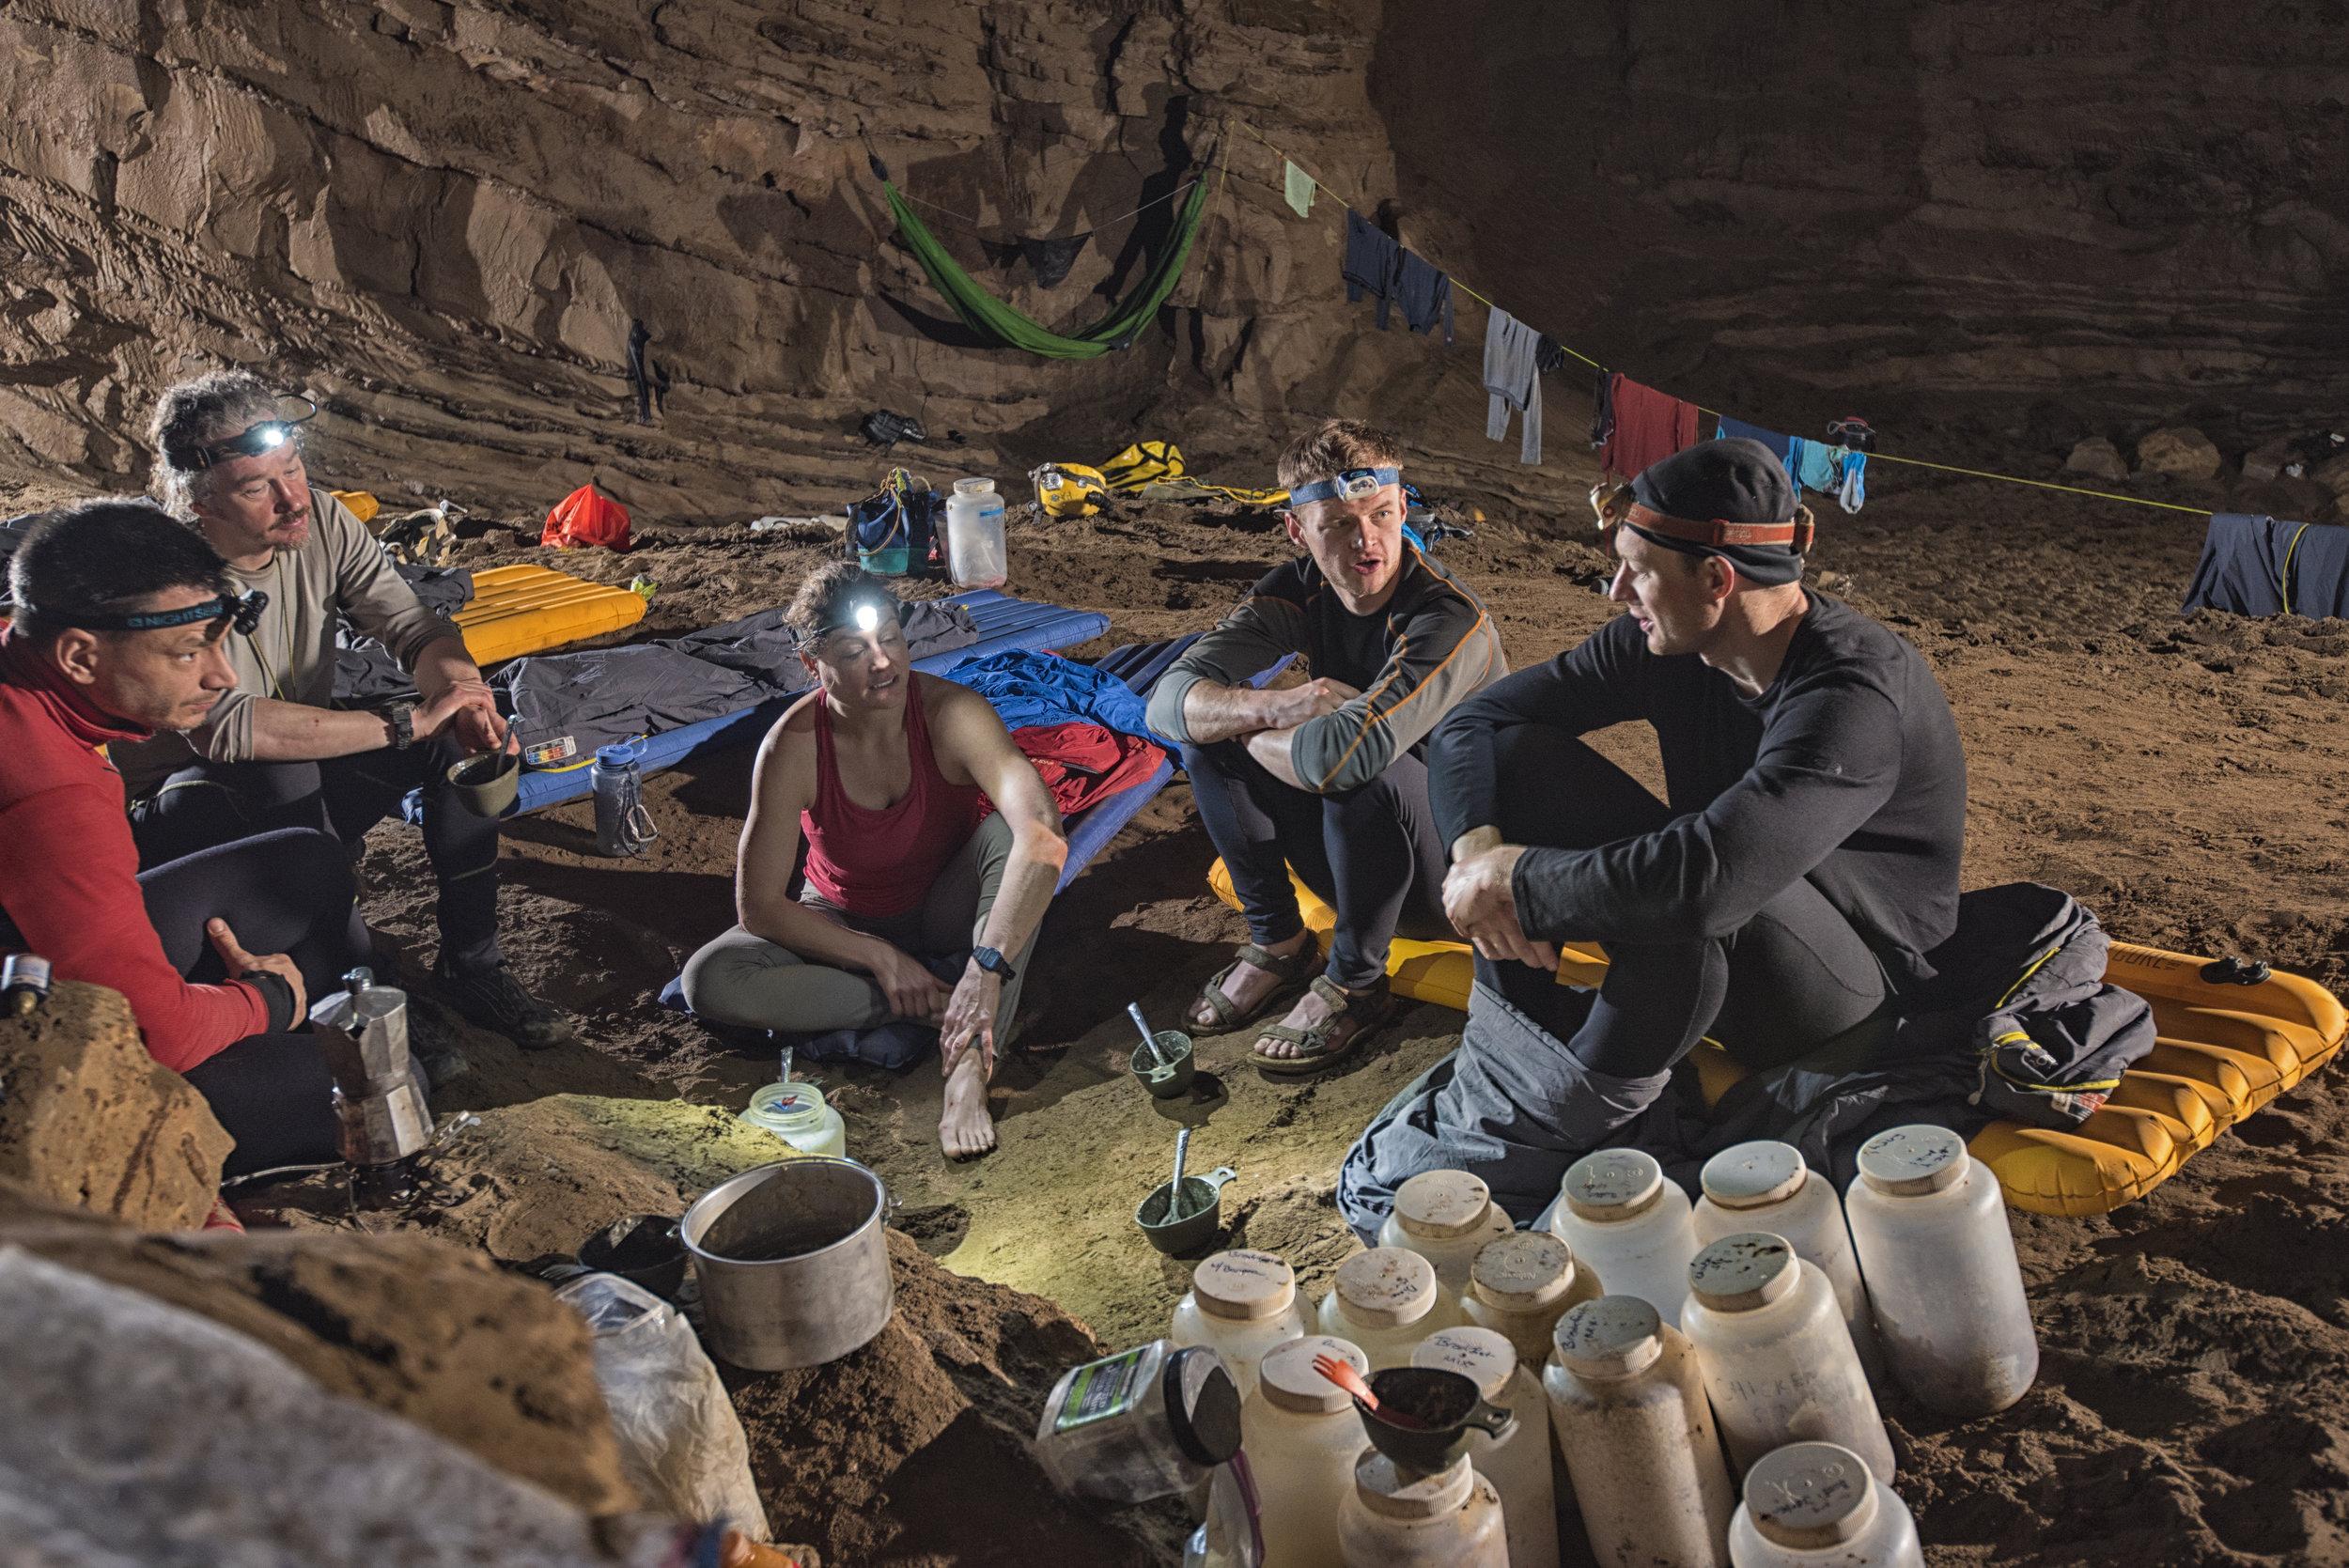 cueva-de-la-pena-colorada_26317432757_o.jpg